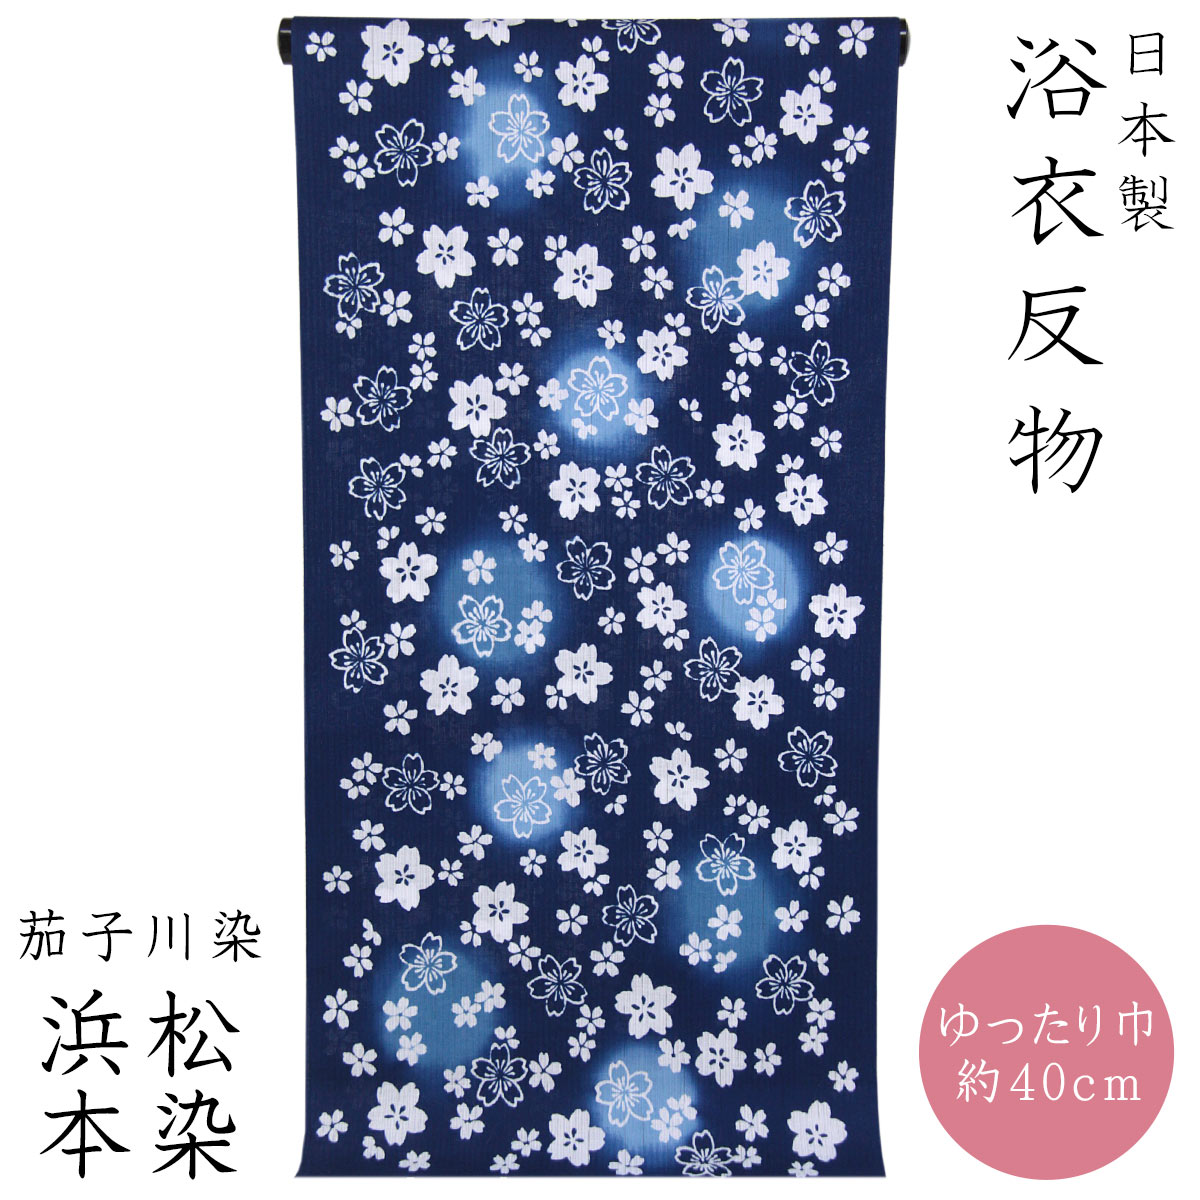 浴衣反物 レディース -218- 綿麻 注染 伊勢型紙 耳あり 日本製 紺色 桜柄